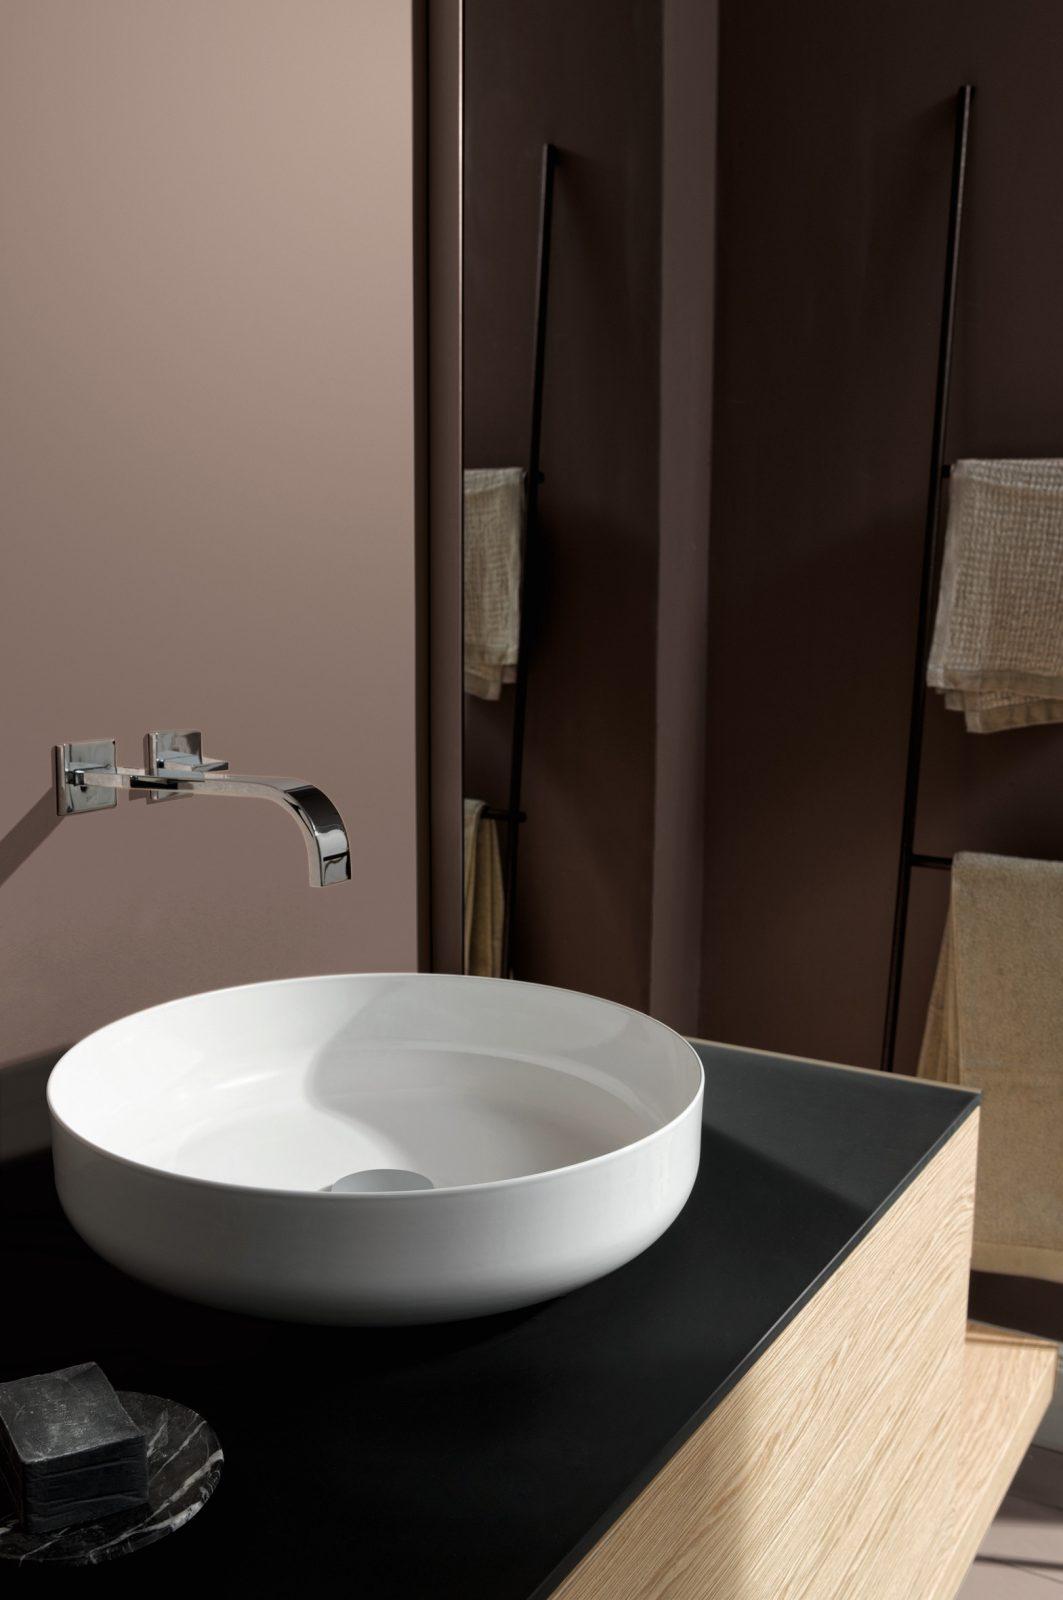 Vasques poser dans la salle de bains fiche produit for Vasque a poser rectangulaire salle de bain